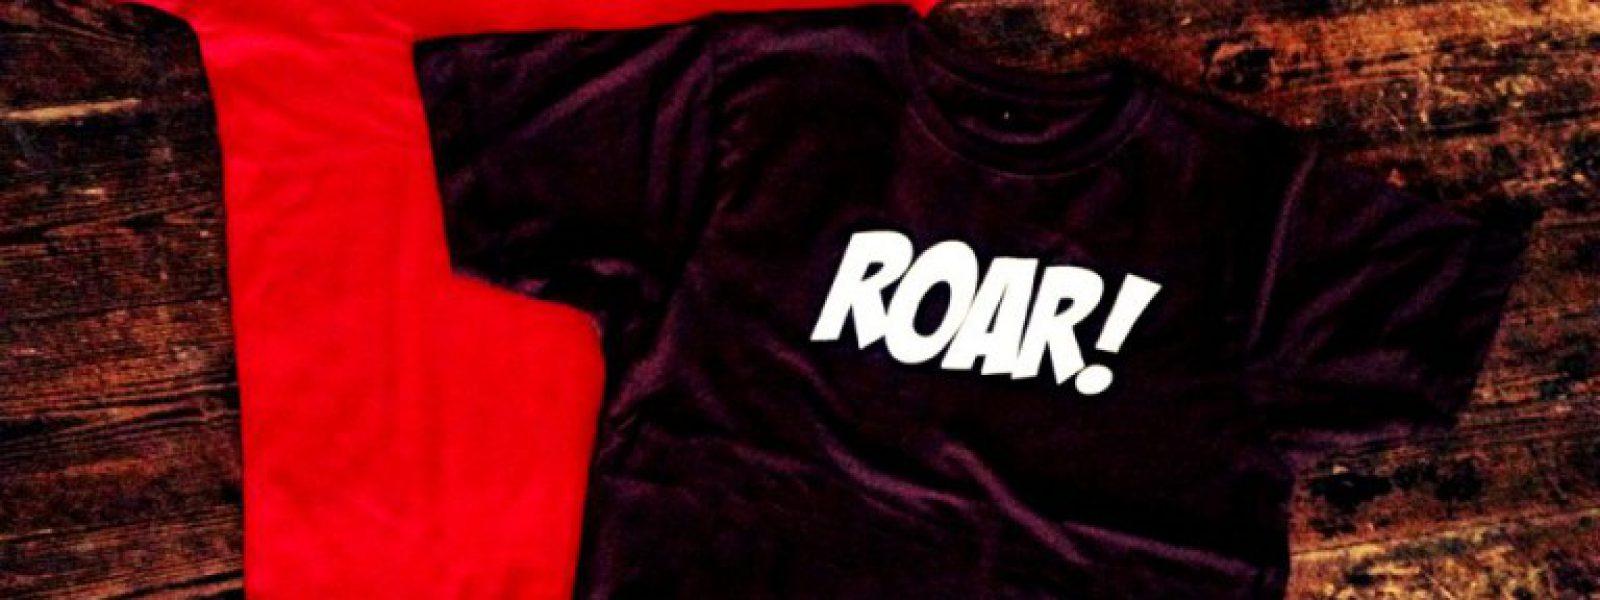 Roar-Shirt fertig